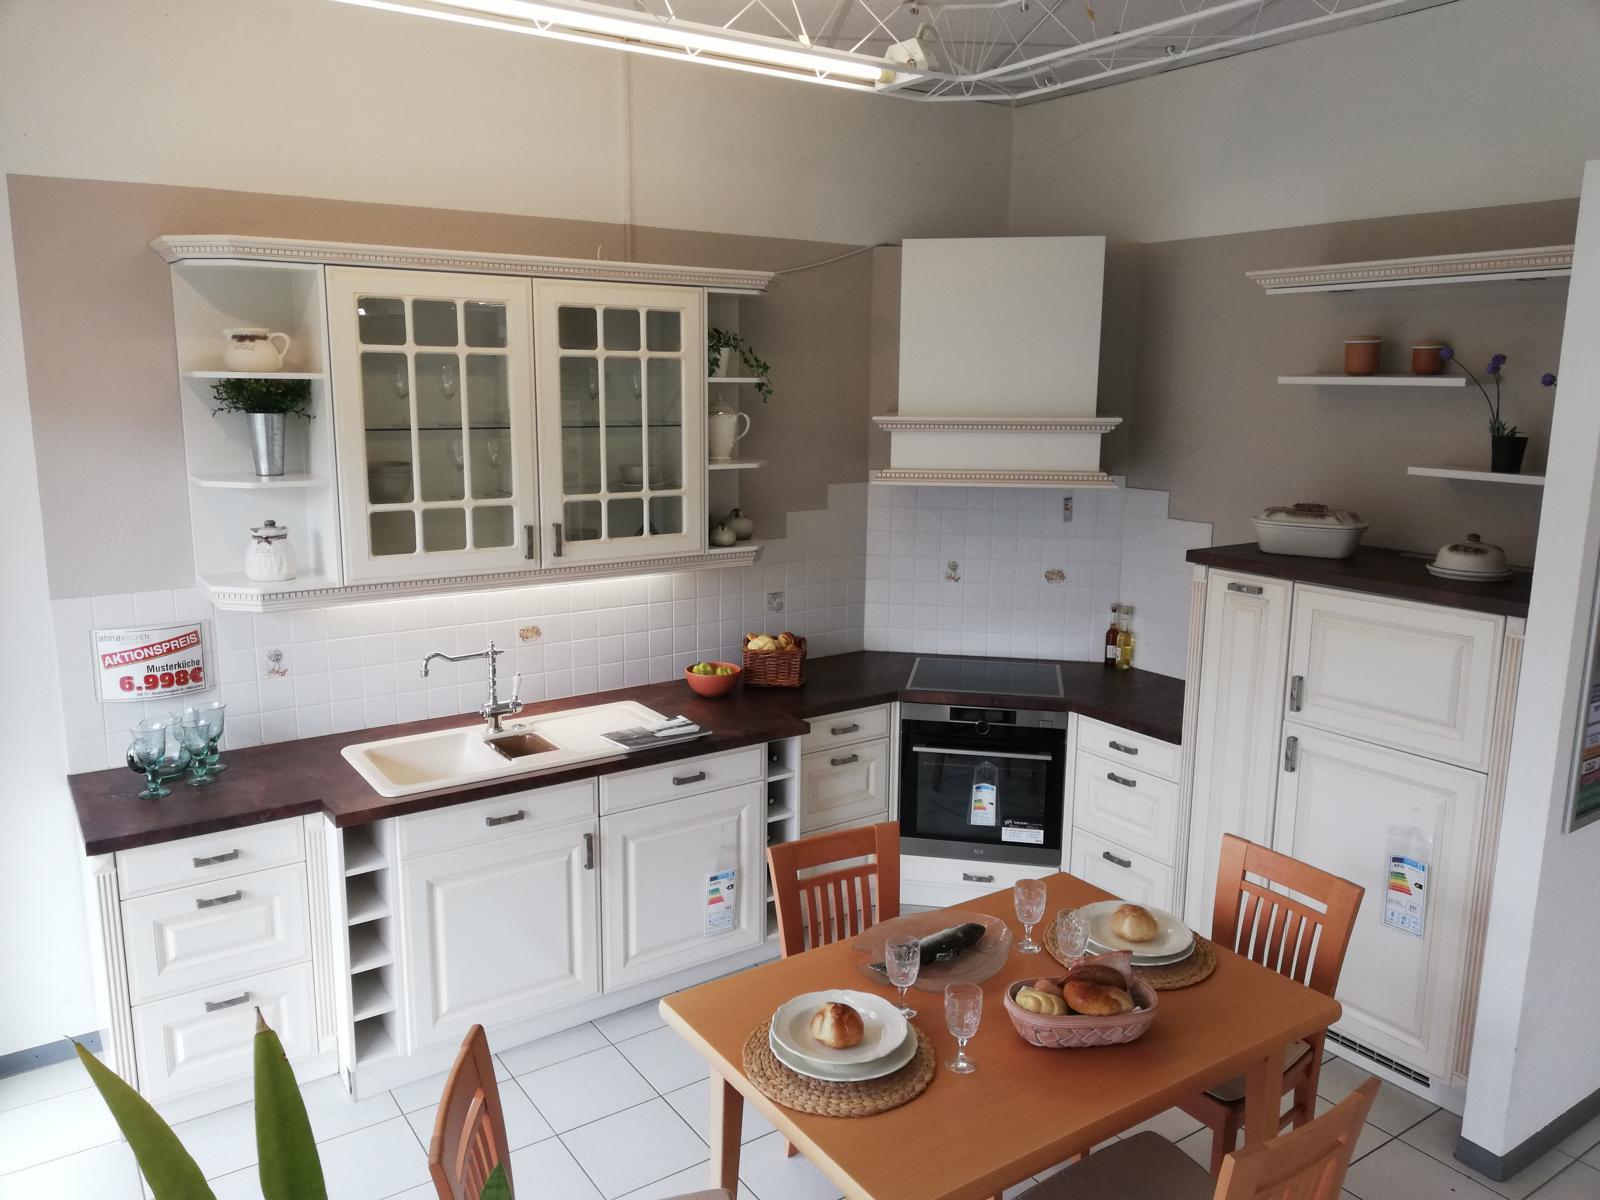 Full Size of Landhausküche Musterkchen Landhauskche Mit Lackierten Rahmenfronten Modell Moderne Weiß Gebraucht Grau Weisse Küche Landhausküche